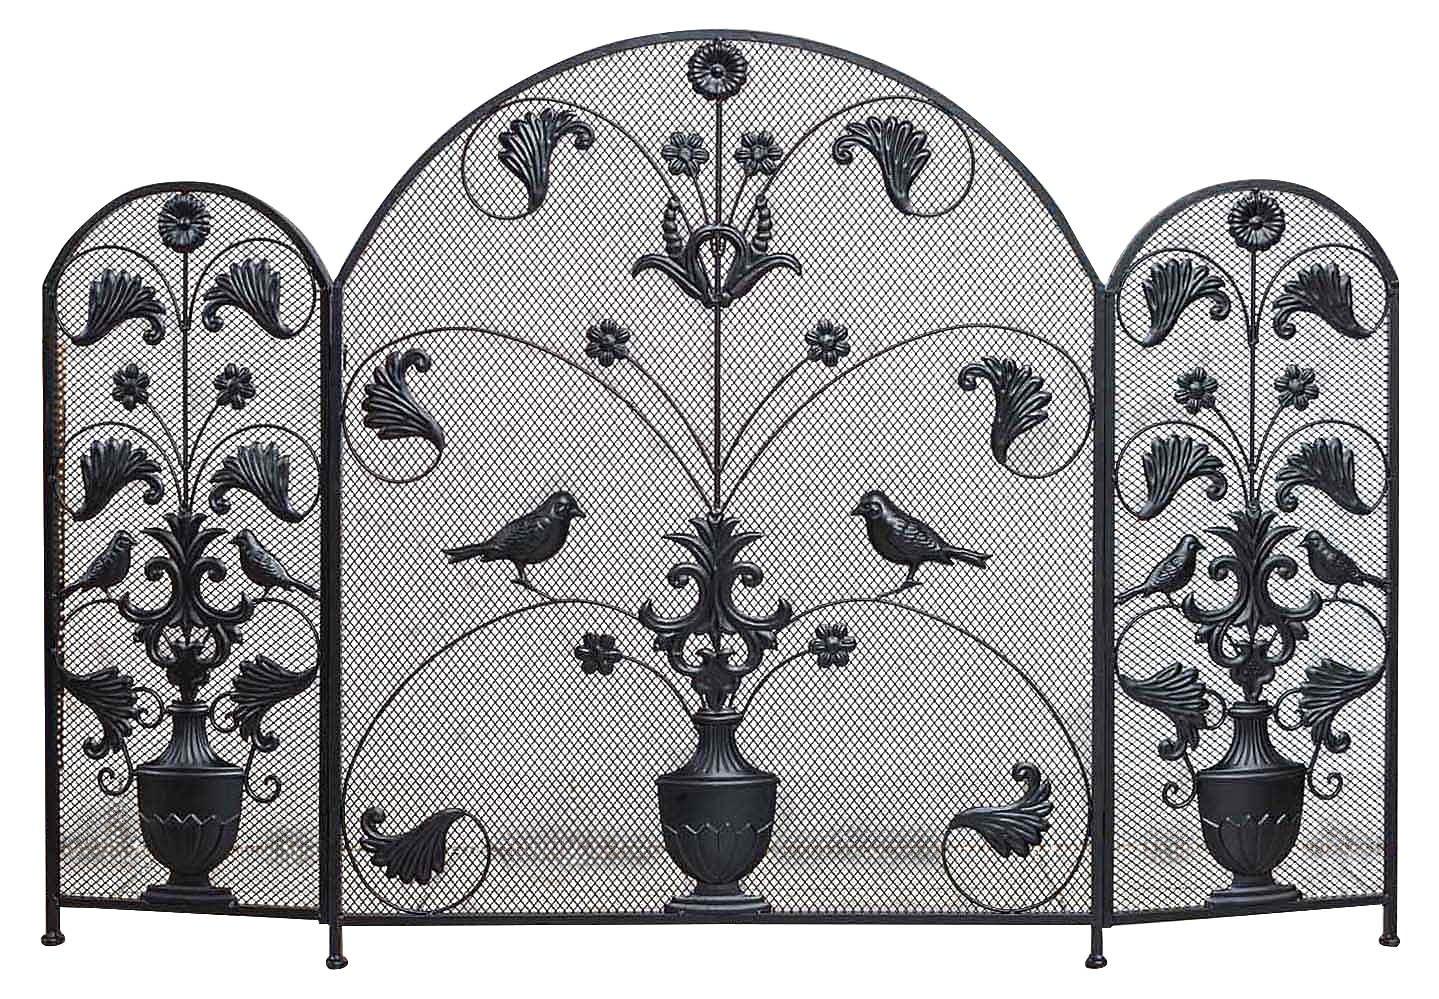 Parascintille per caminetto decoro a giglio francese in stile antico ferro (c) aubaho